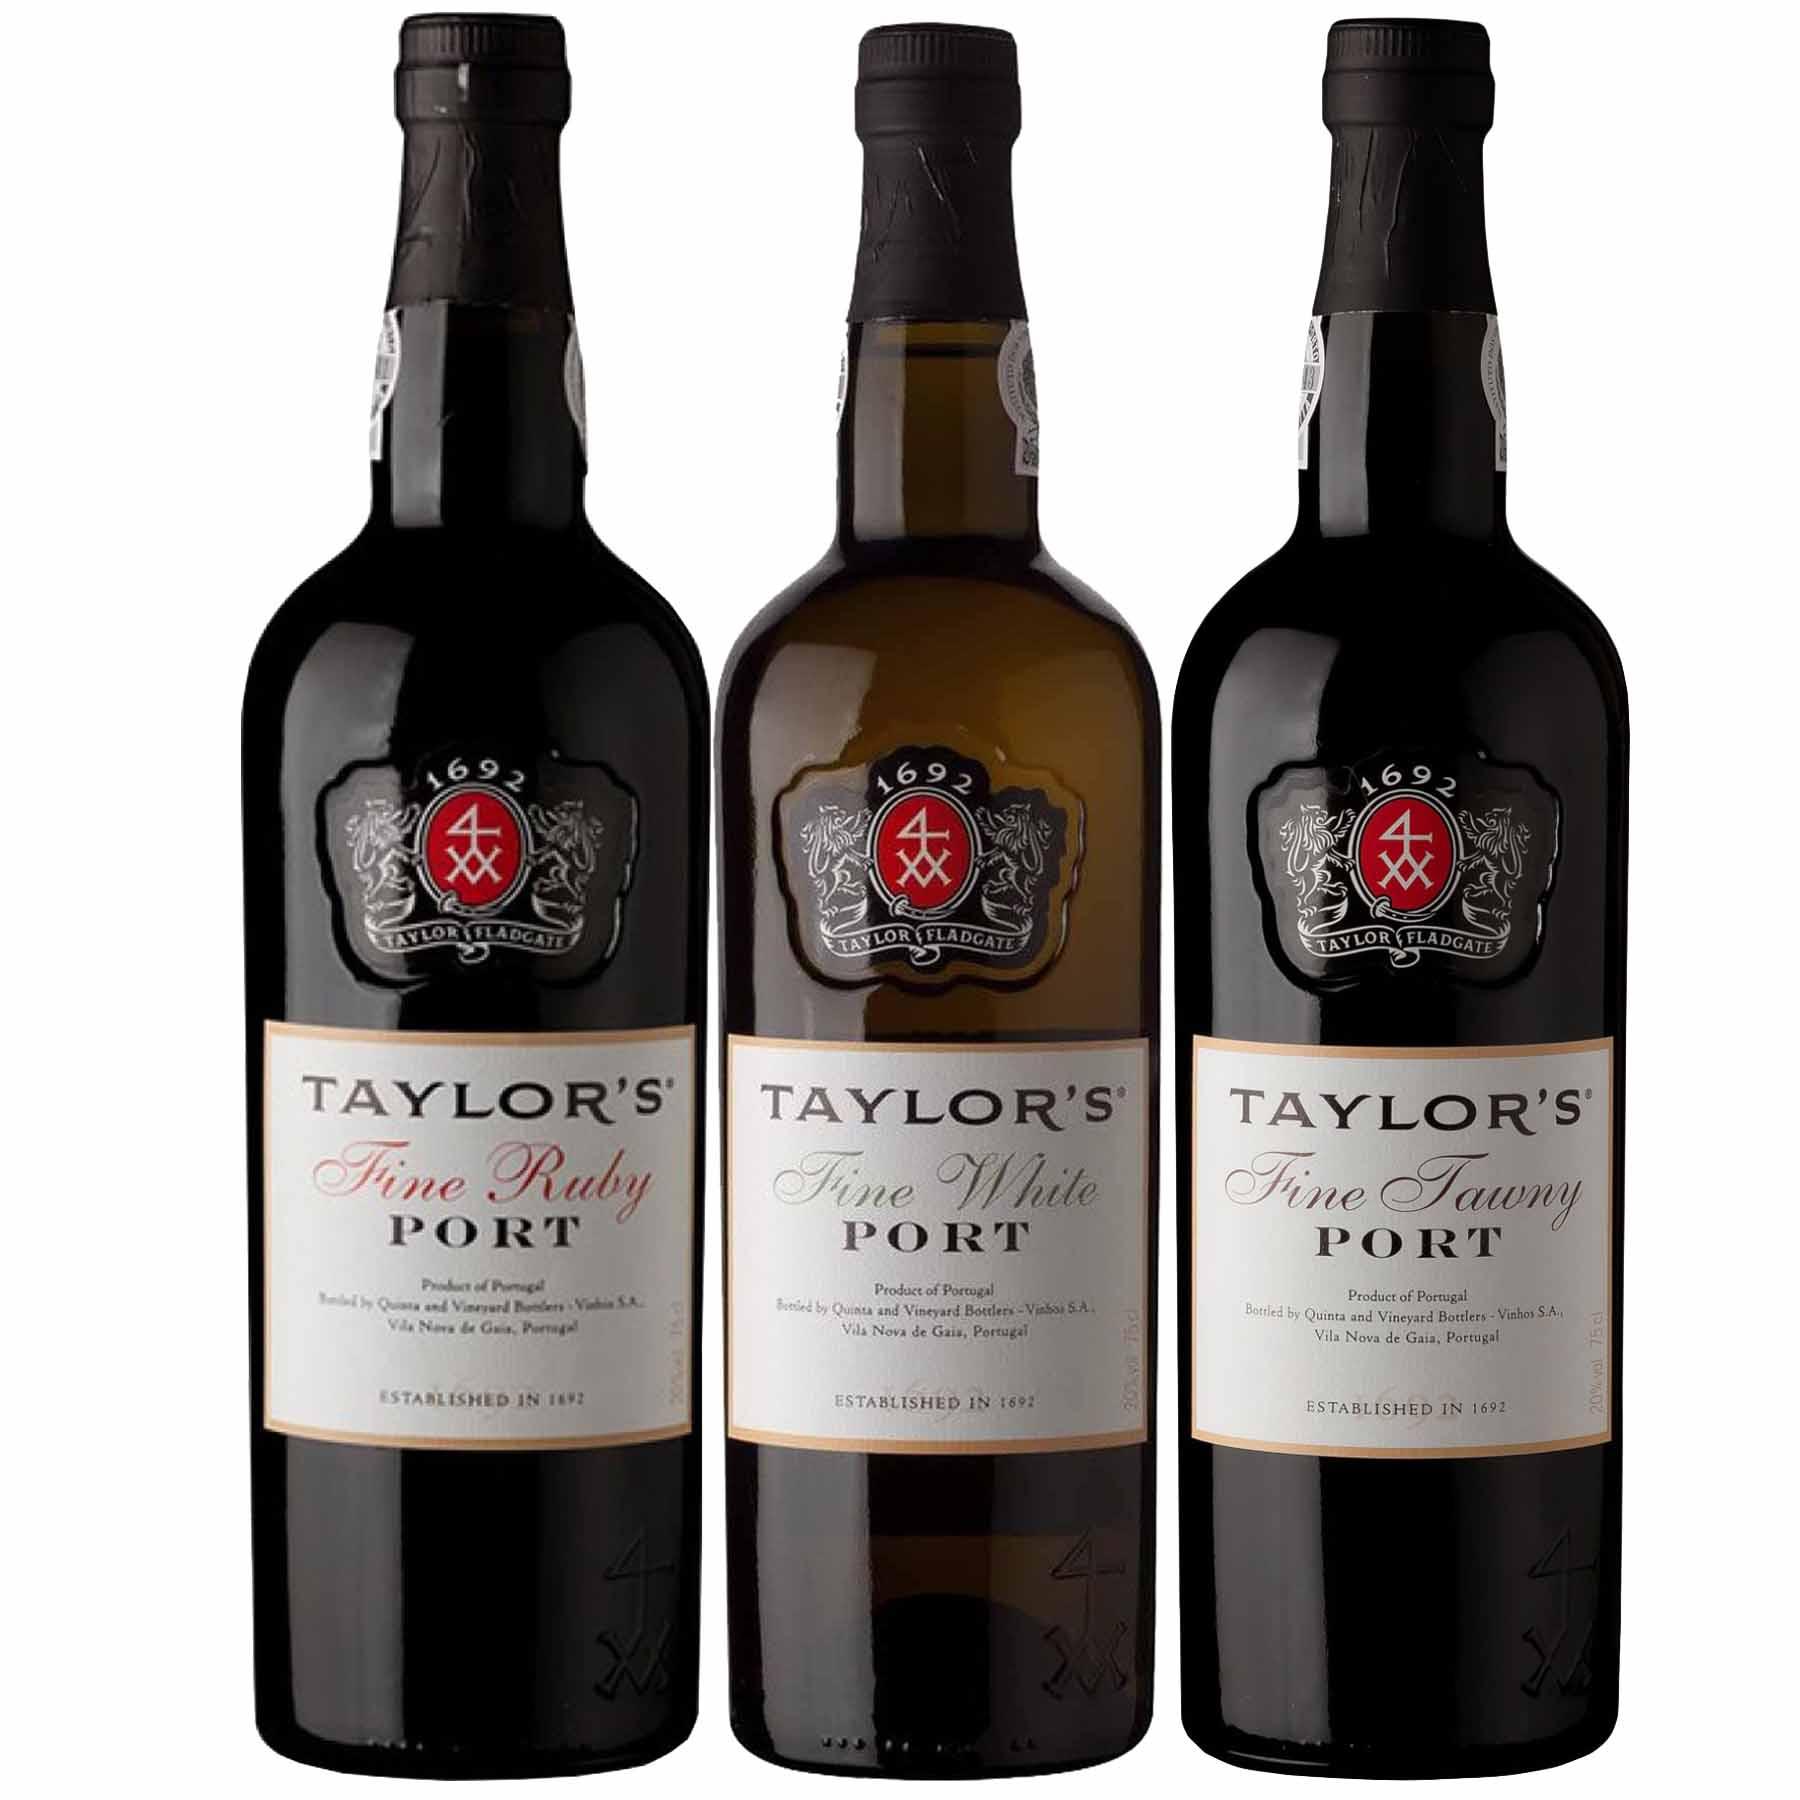 Kit 3x Vinho do Porto Taylor's White Fine + Tawny + Ruby